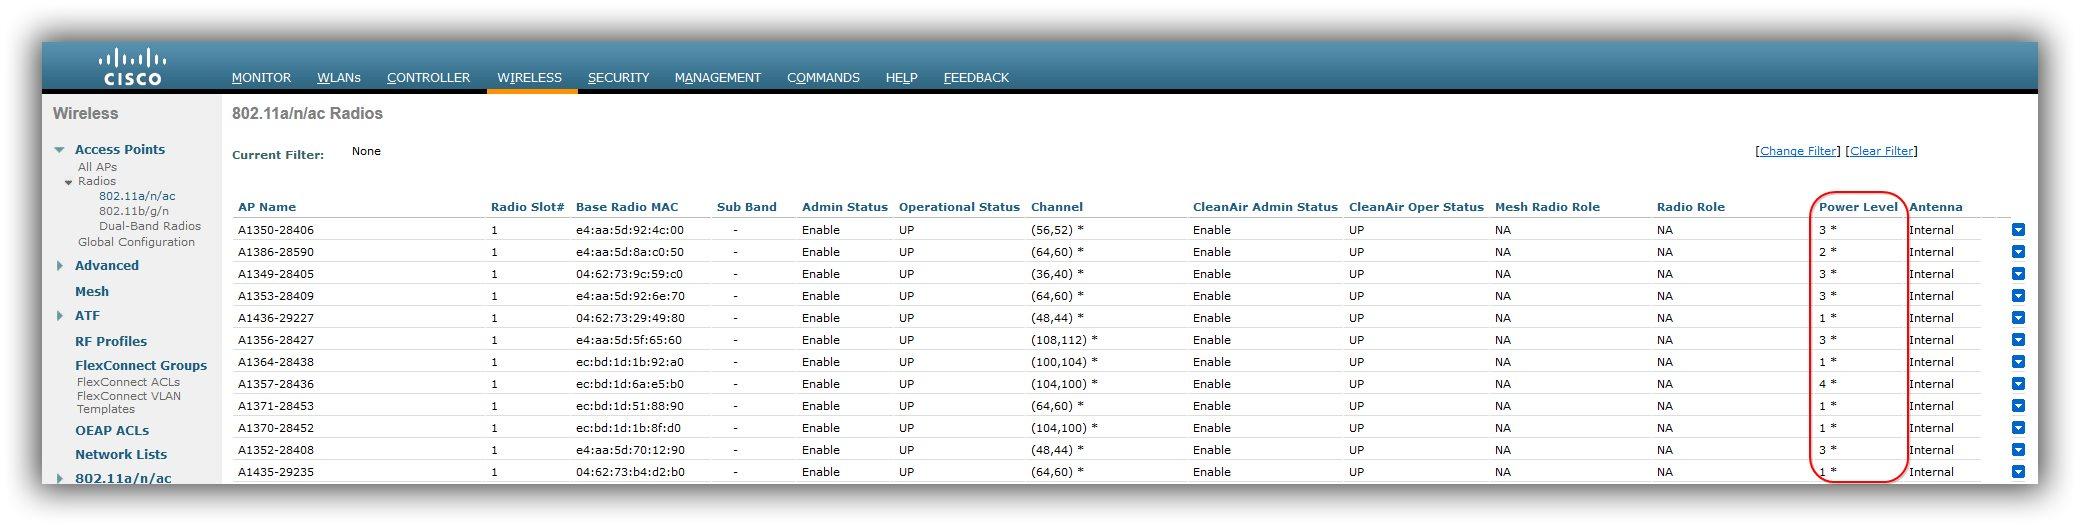 Connaitre la puissance d'émission de vos bornes WIFI avec Cisco Prime